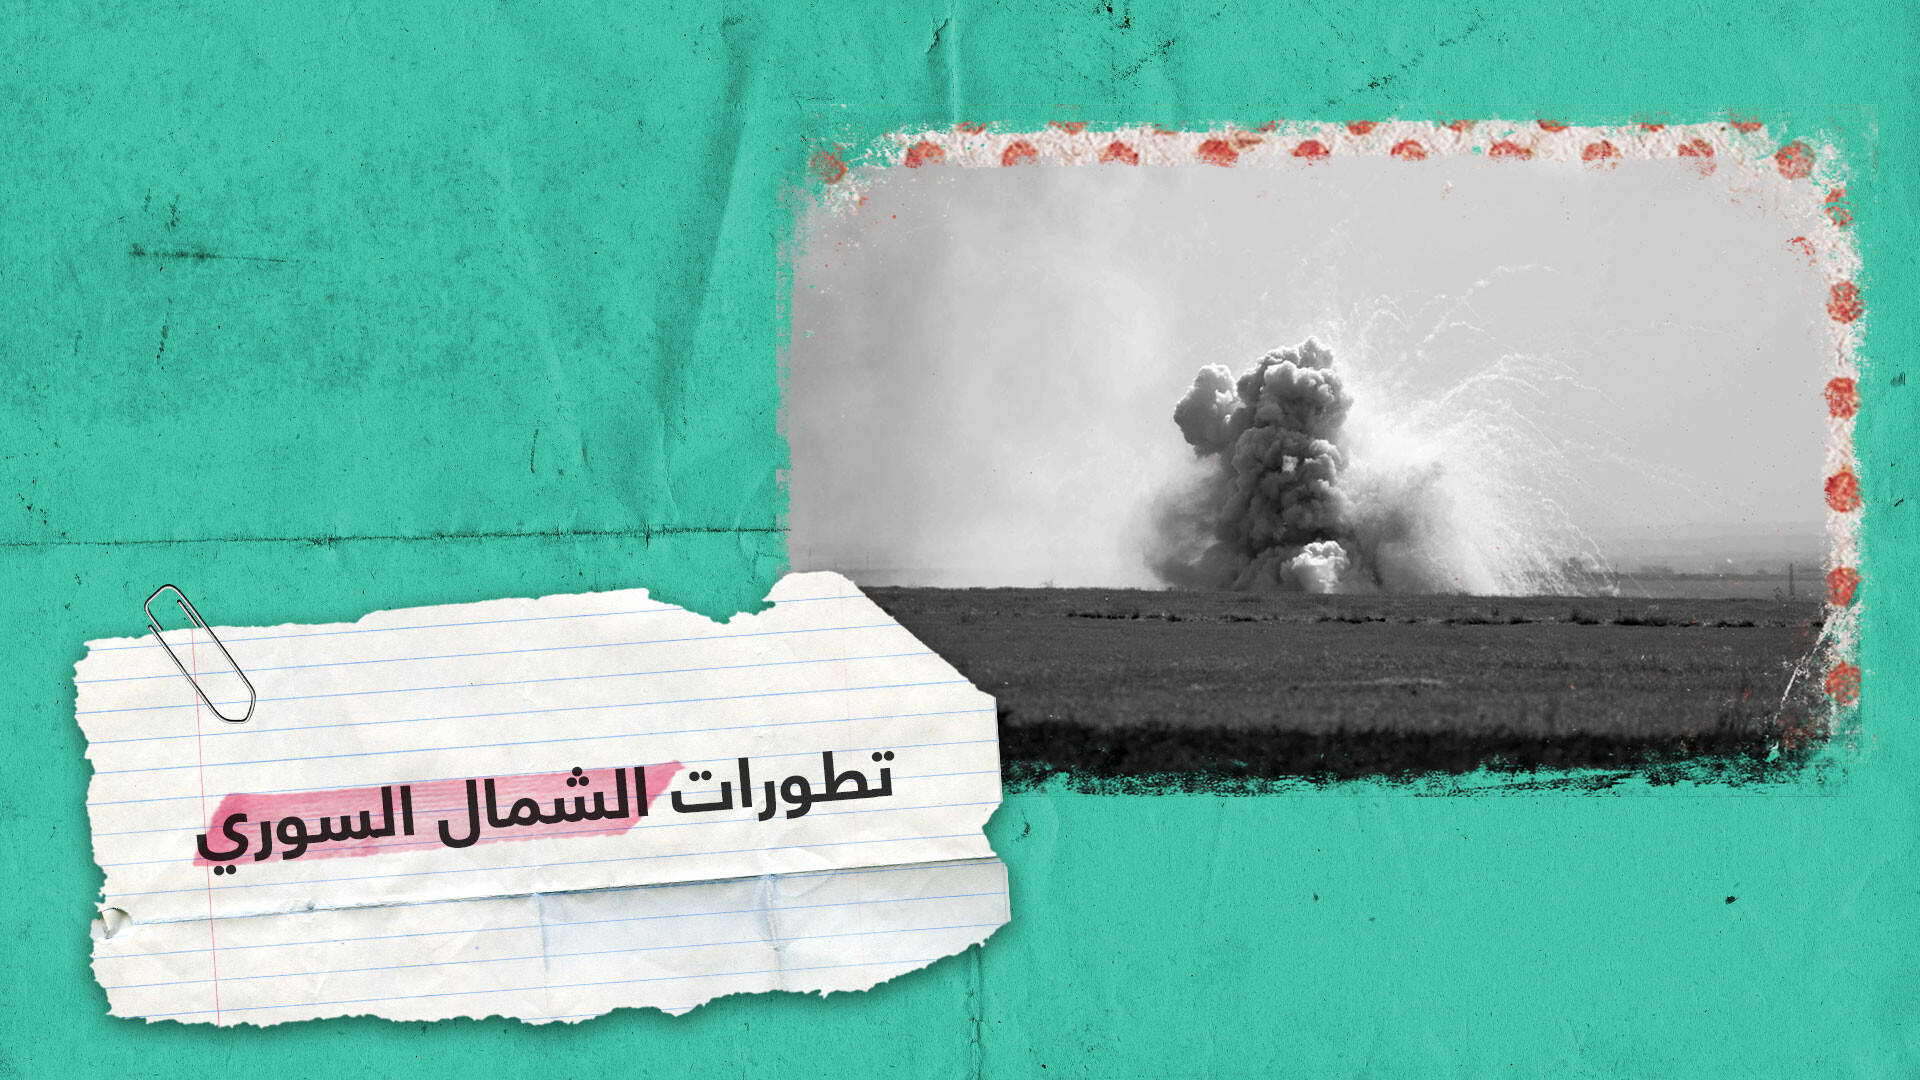 تطورات متسارعة.. تعرف على ما يحدث في شمال شرق سوريا